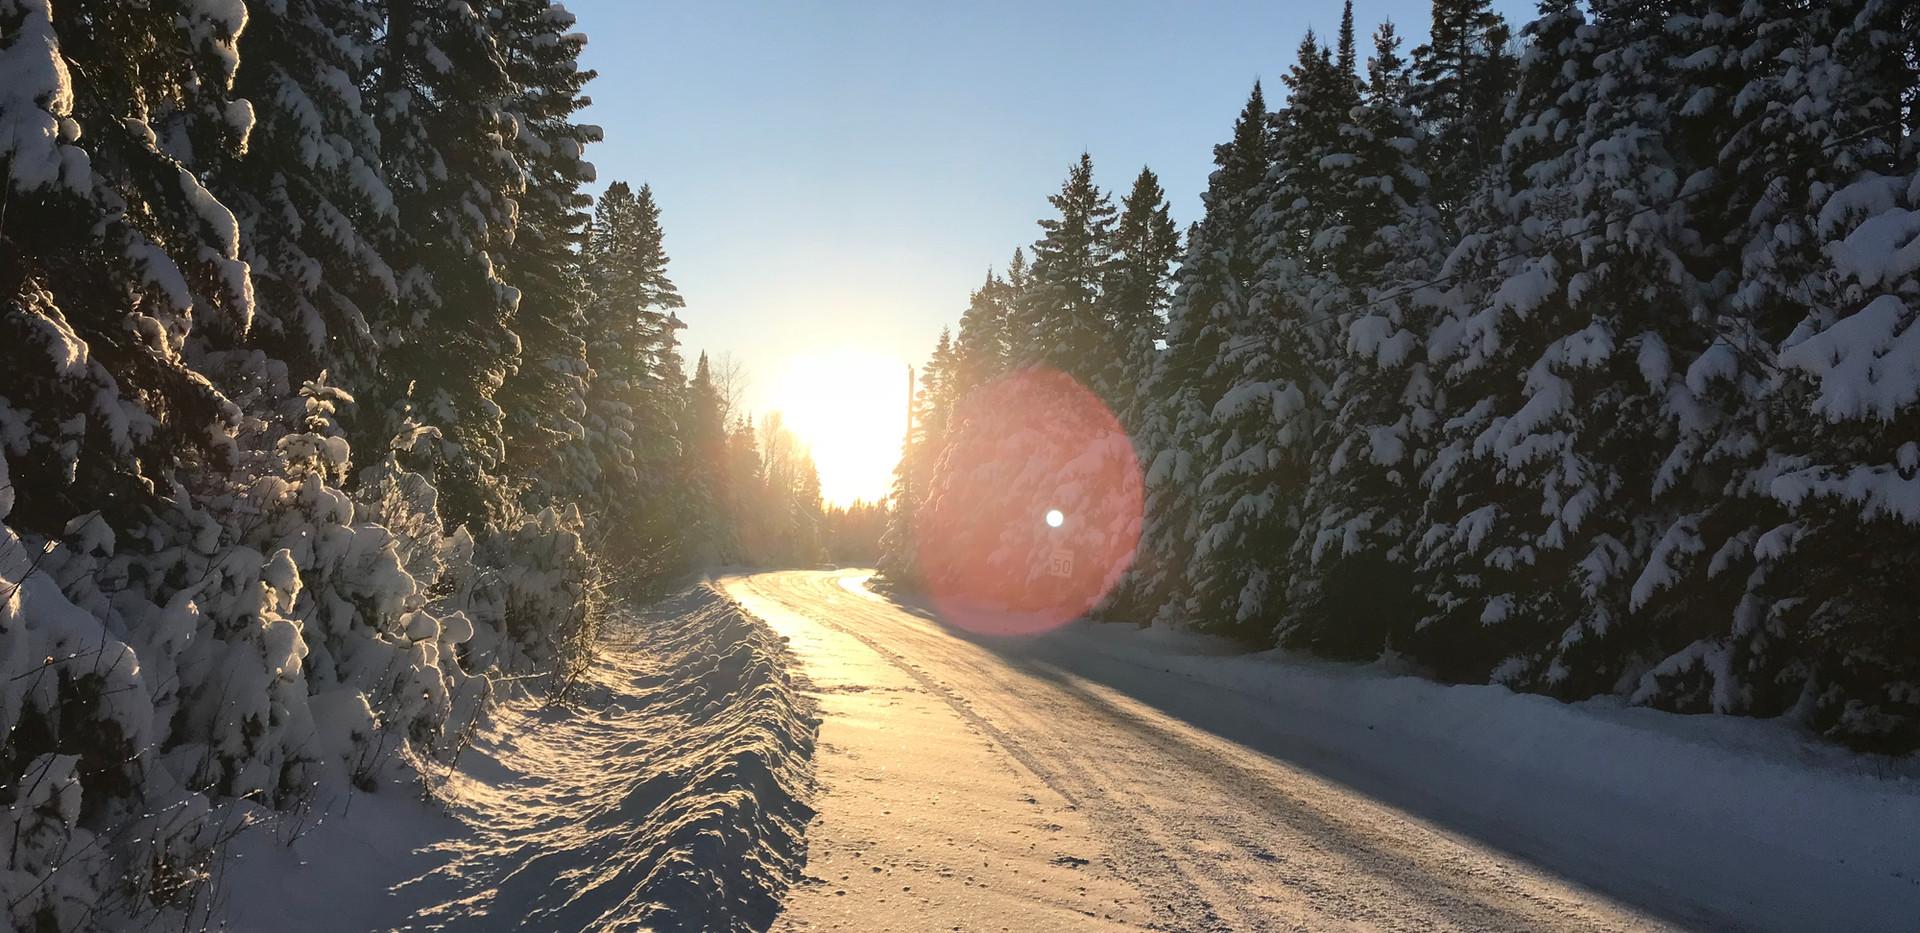 Chalet à louer au Québec | face au lac | 4 saisons Le Cocooning L'Ascension | Promenade en hiver